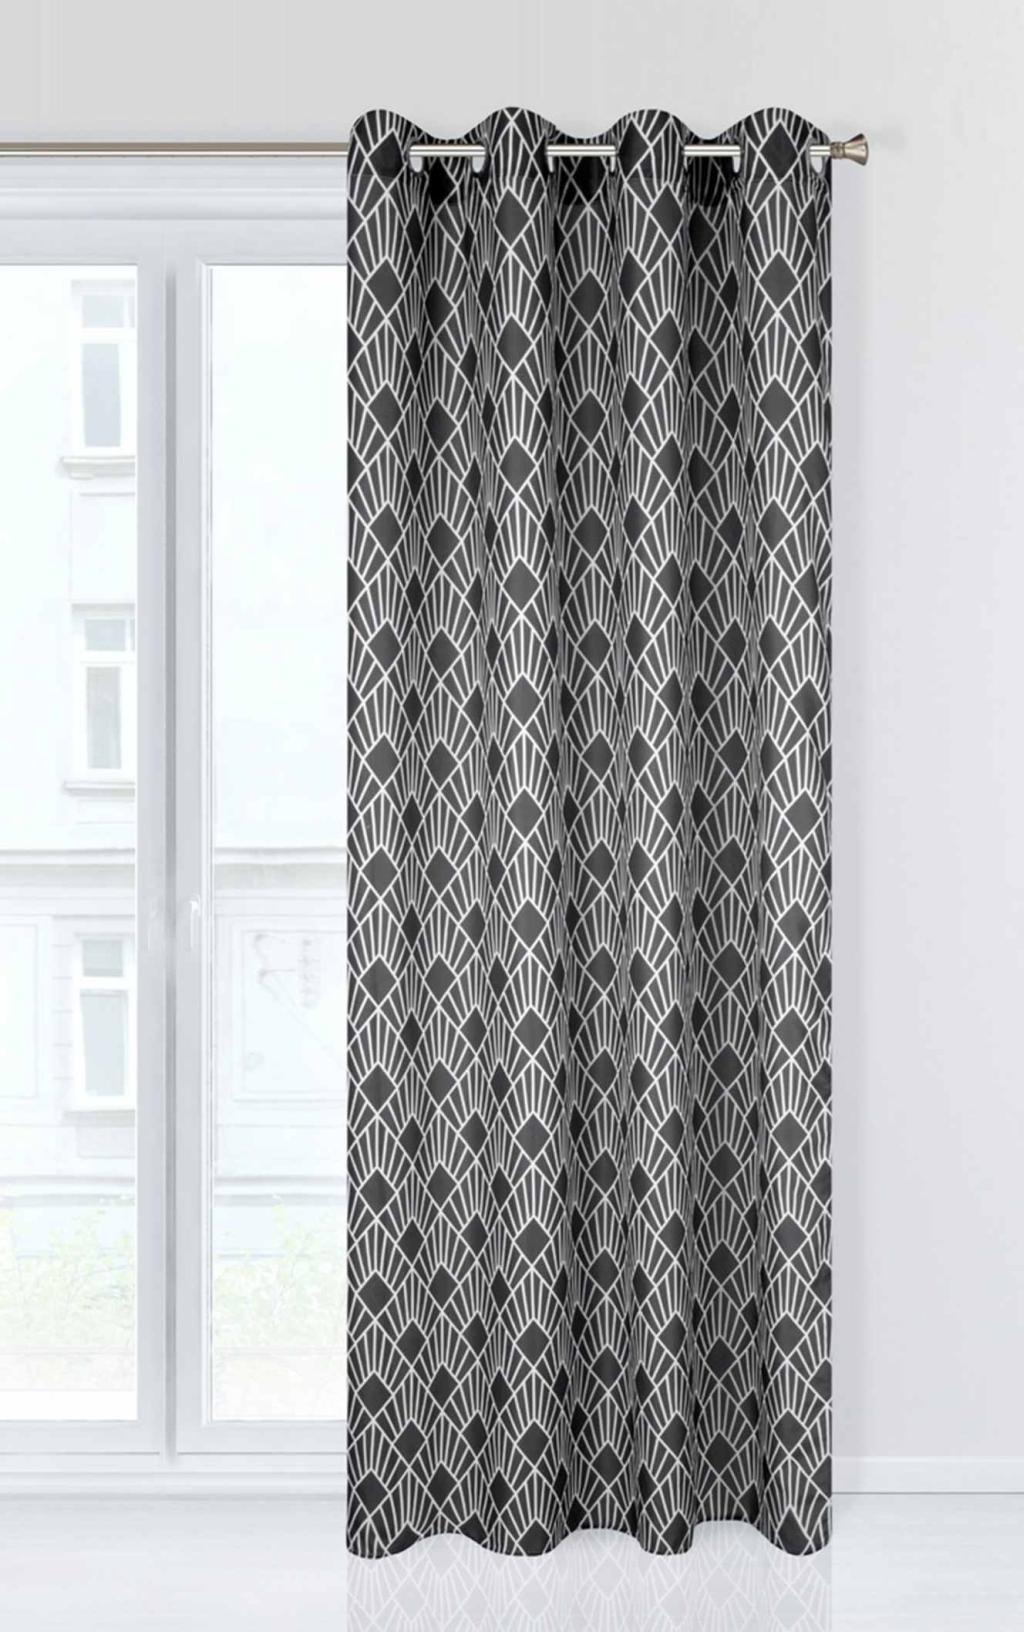 Luxusní tmavě šedý dekorační závěs do obýváku